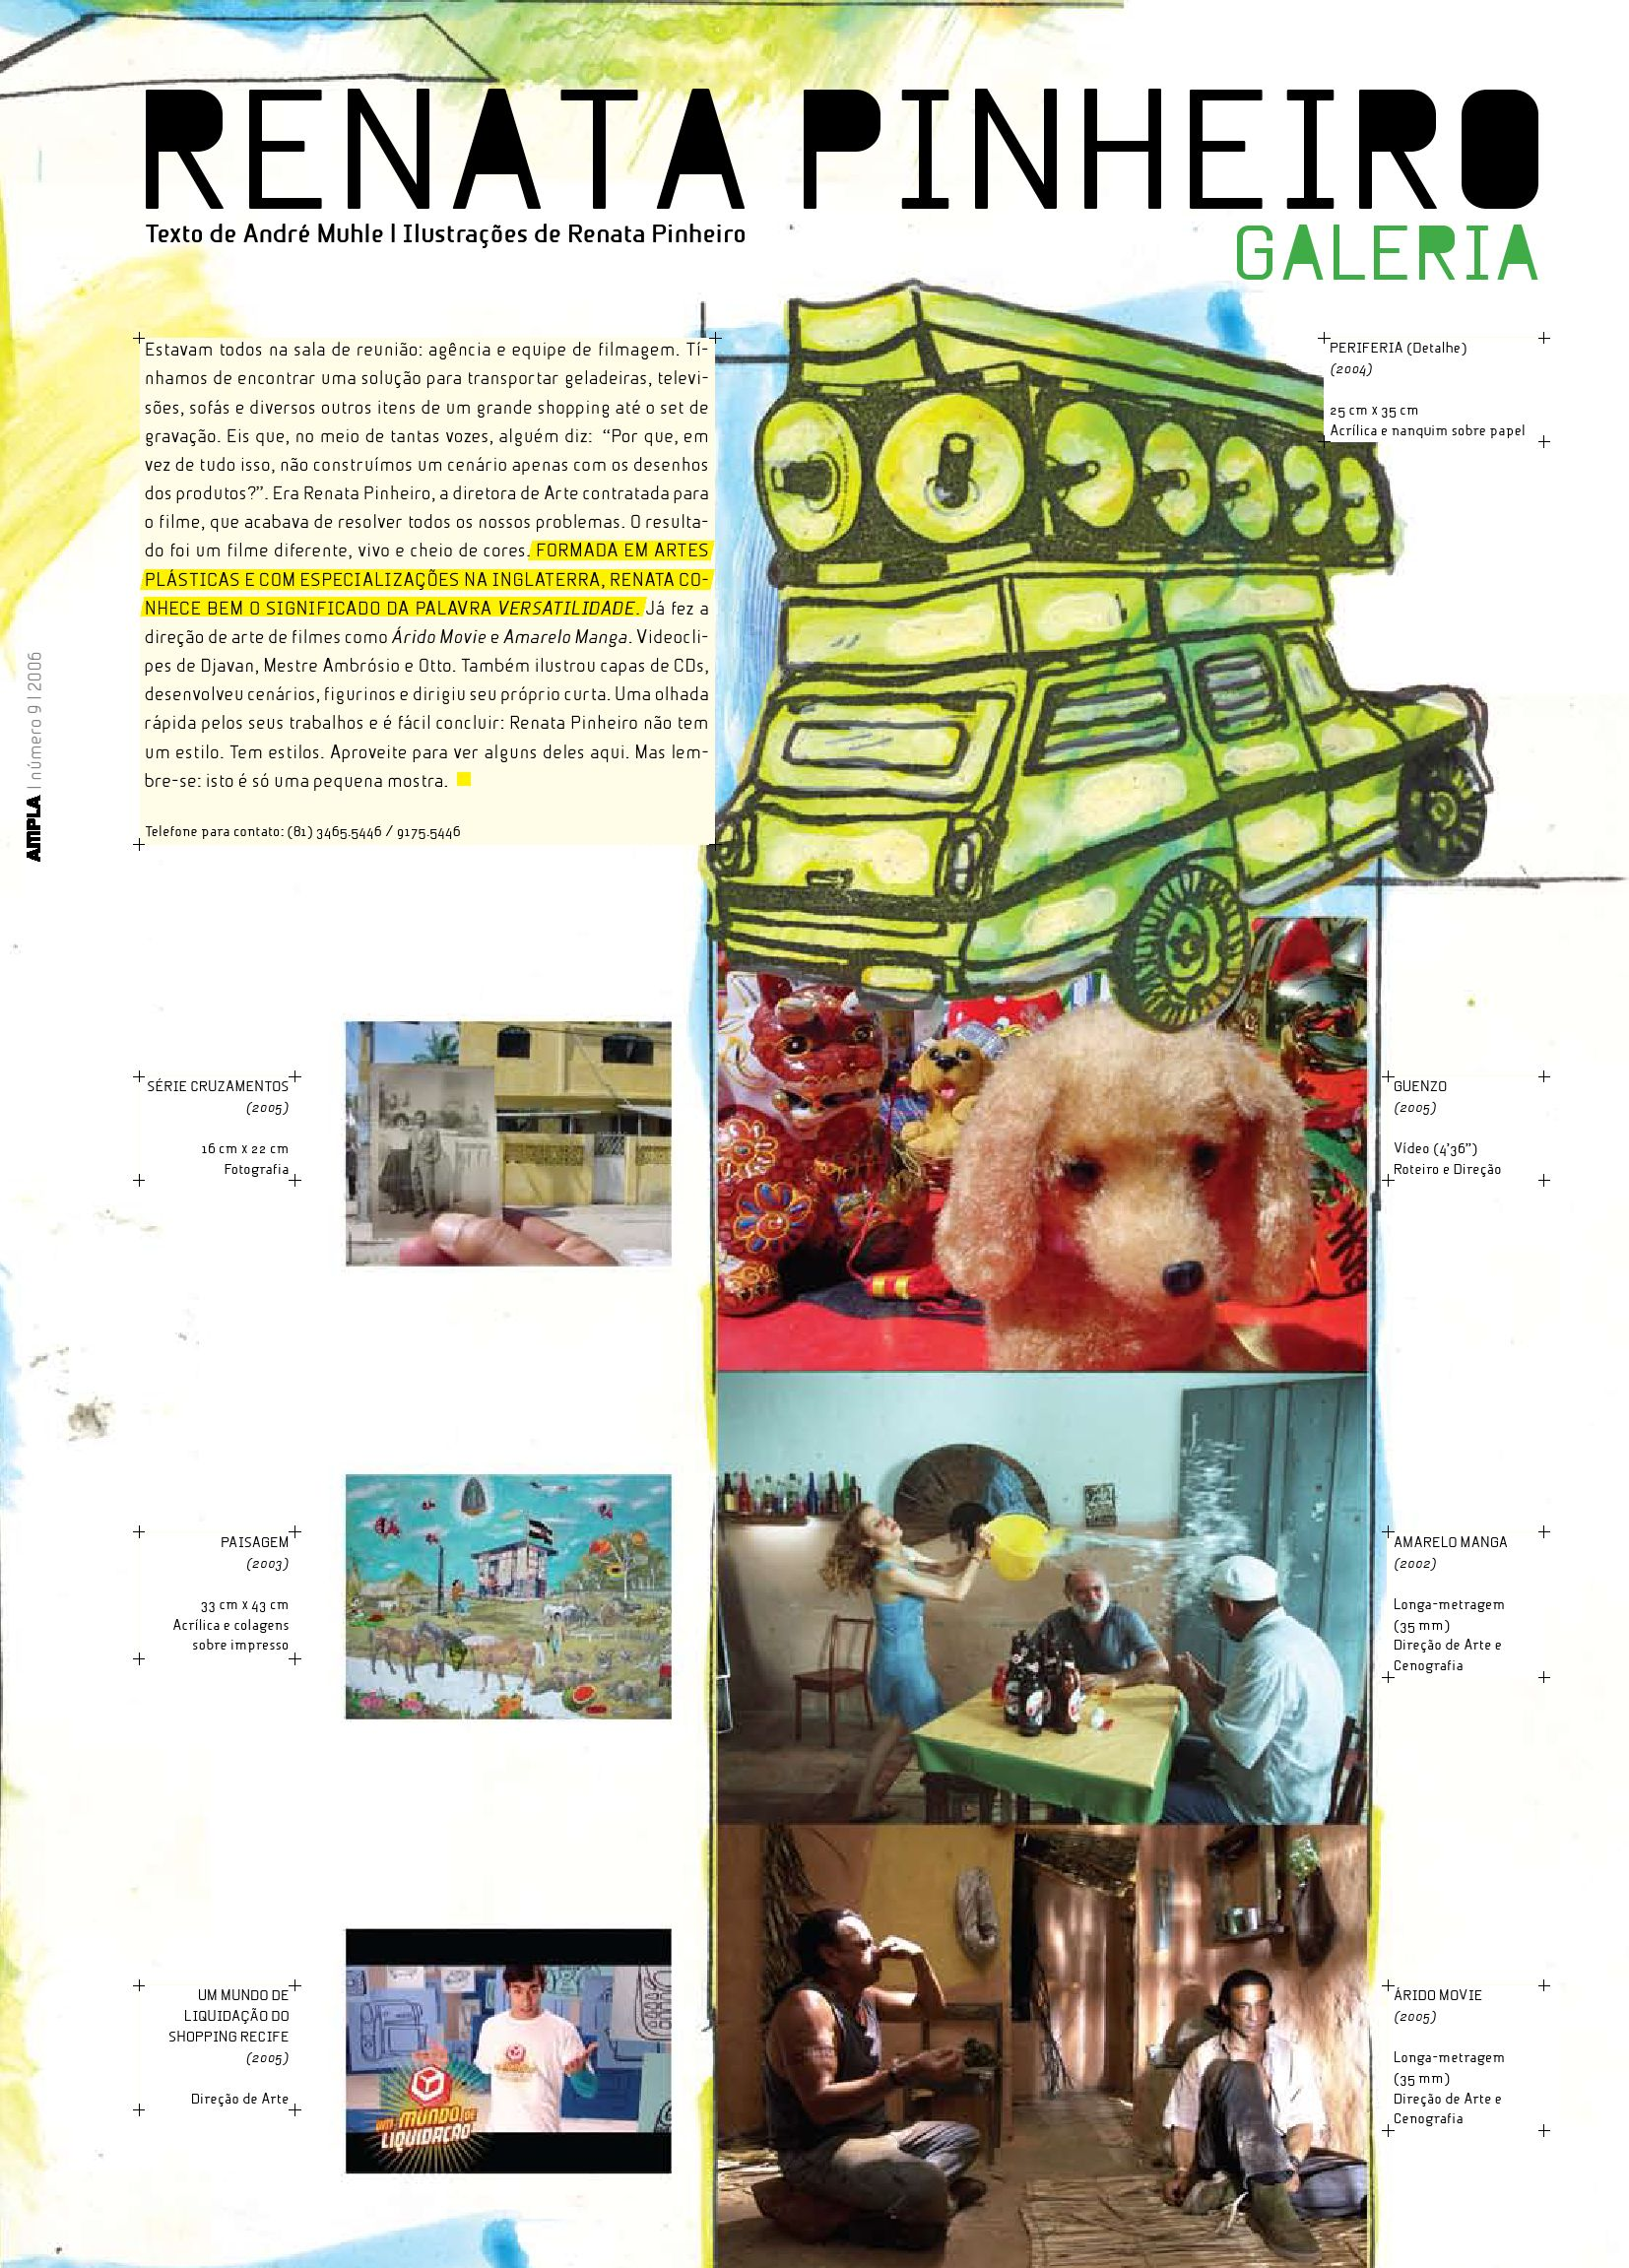 Amarelo Manga 2002 revista portfólio da ampla número 9daniel edmundson - issuu